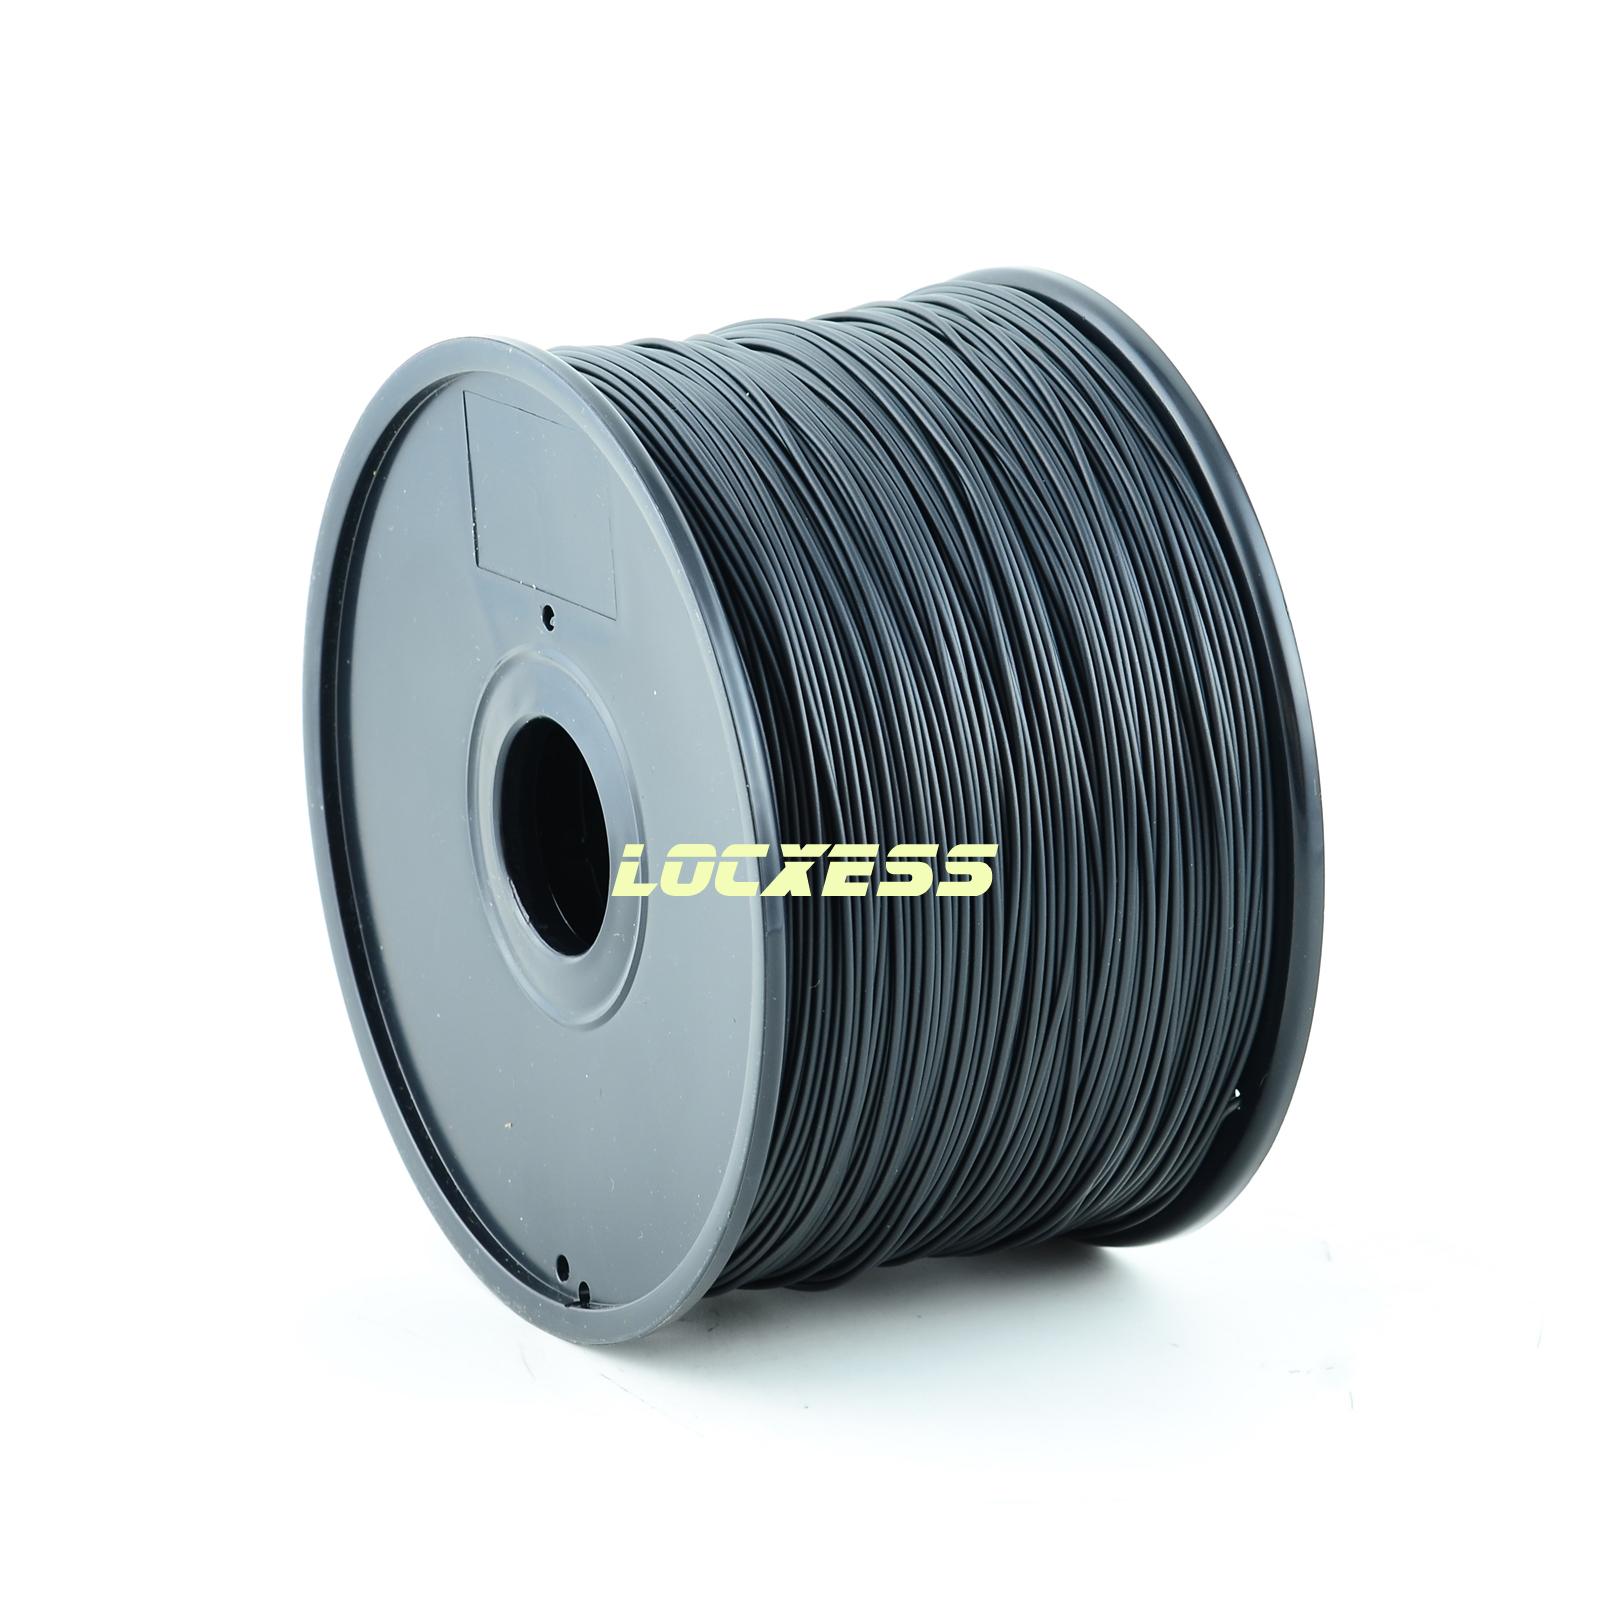 locxess trading abs filament 1 75 mm 1kg schwarz 3d drucker reprap prusa makerbot mendel. Black Bedroom Furniture Sets. Home Design Ideas